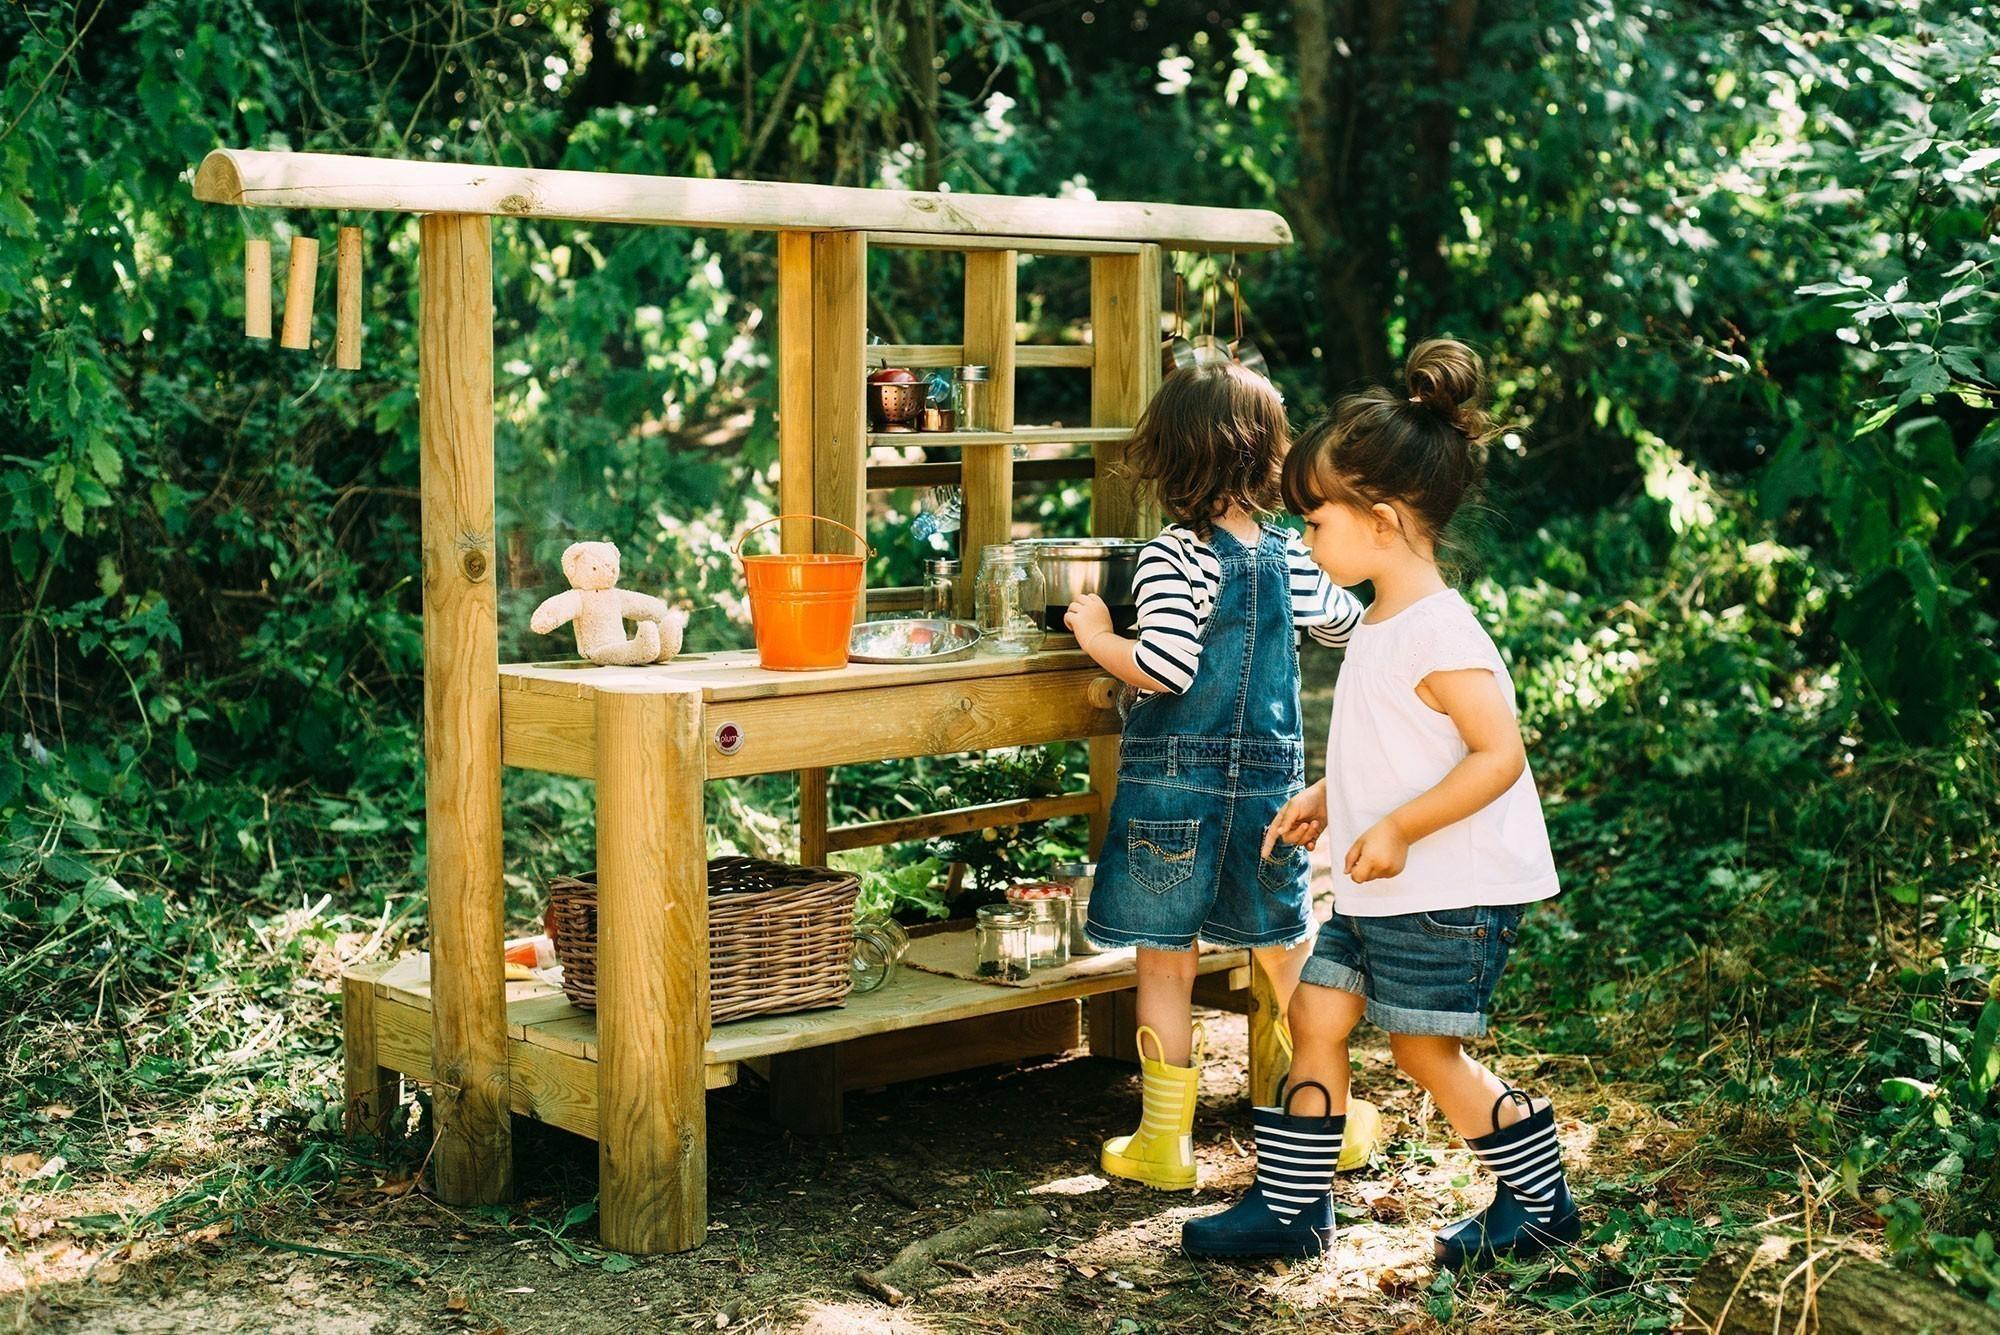 Spielküche Plum Discovery Küche / Gartenküche Holz 161x63x114cm Bild 3